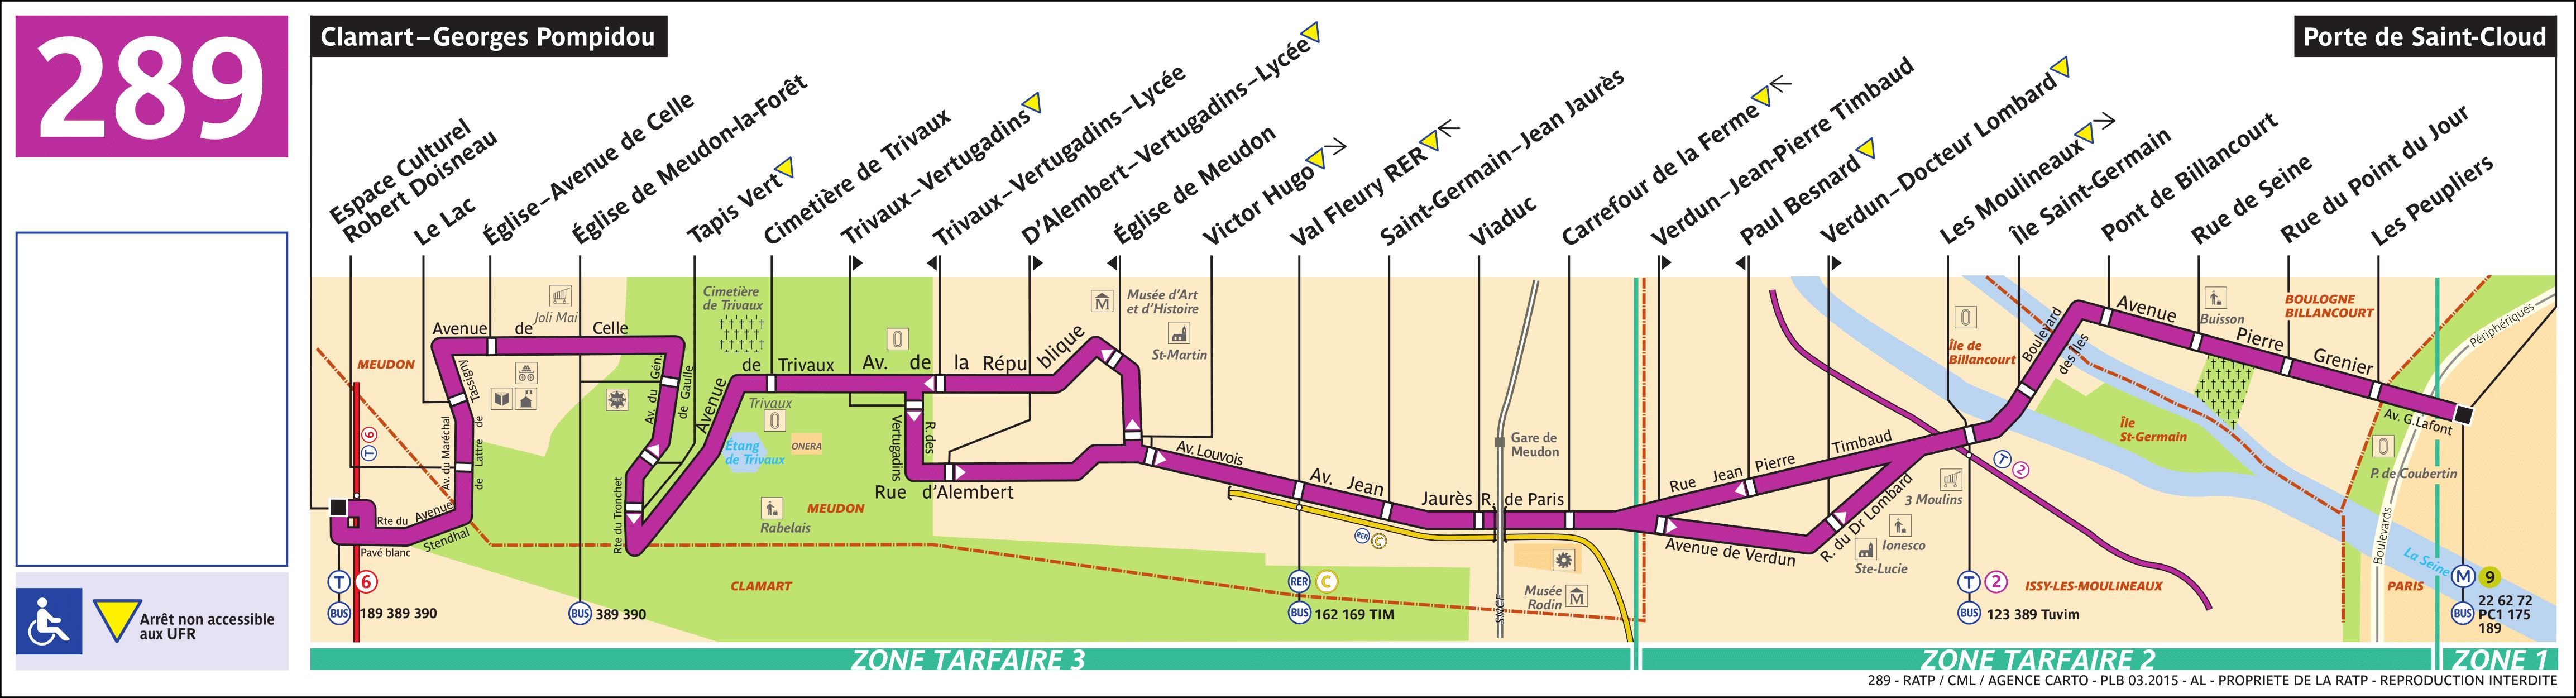 Bus Ratp : ligne 289 - horaires, plan et itinéraire